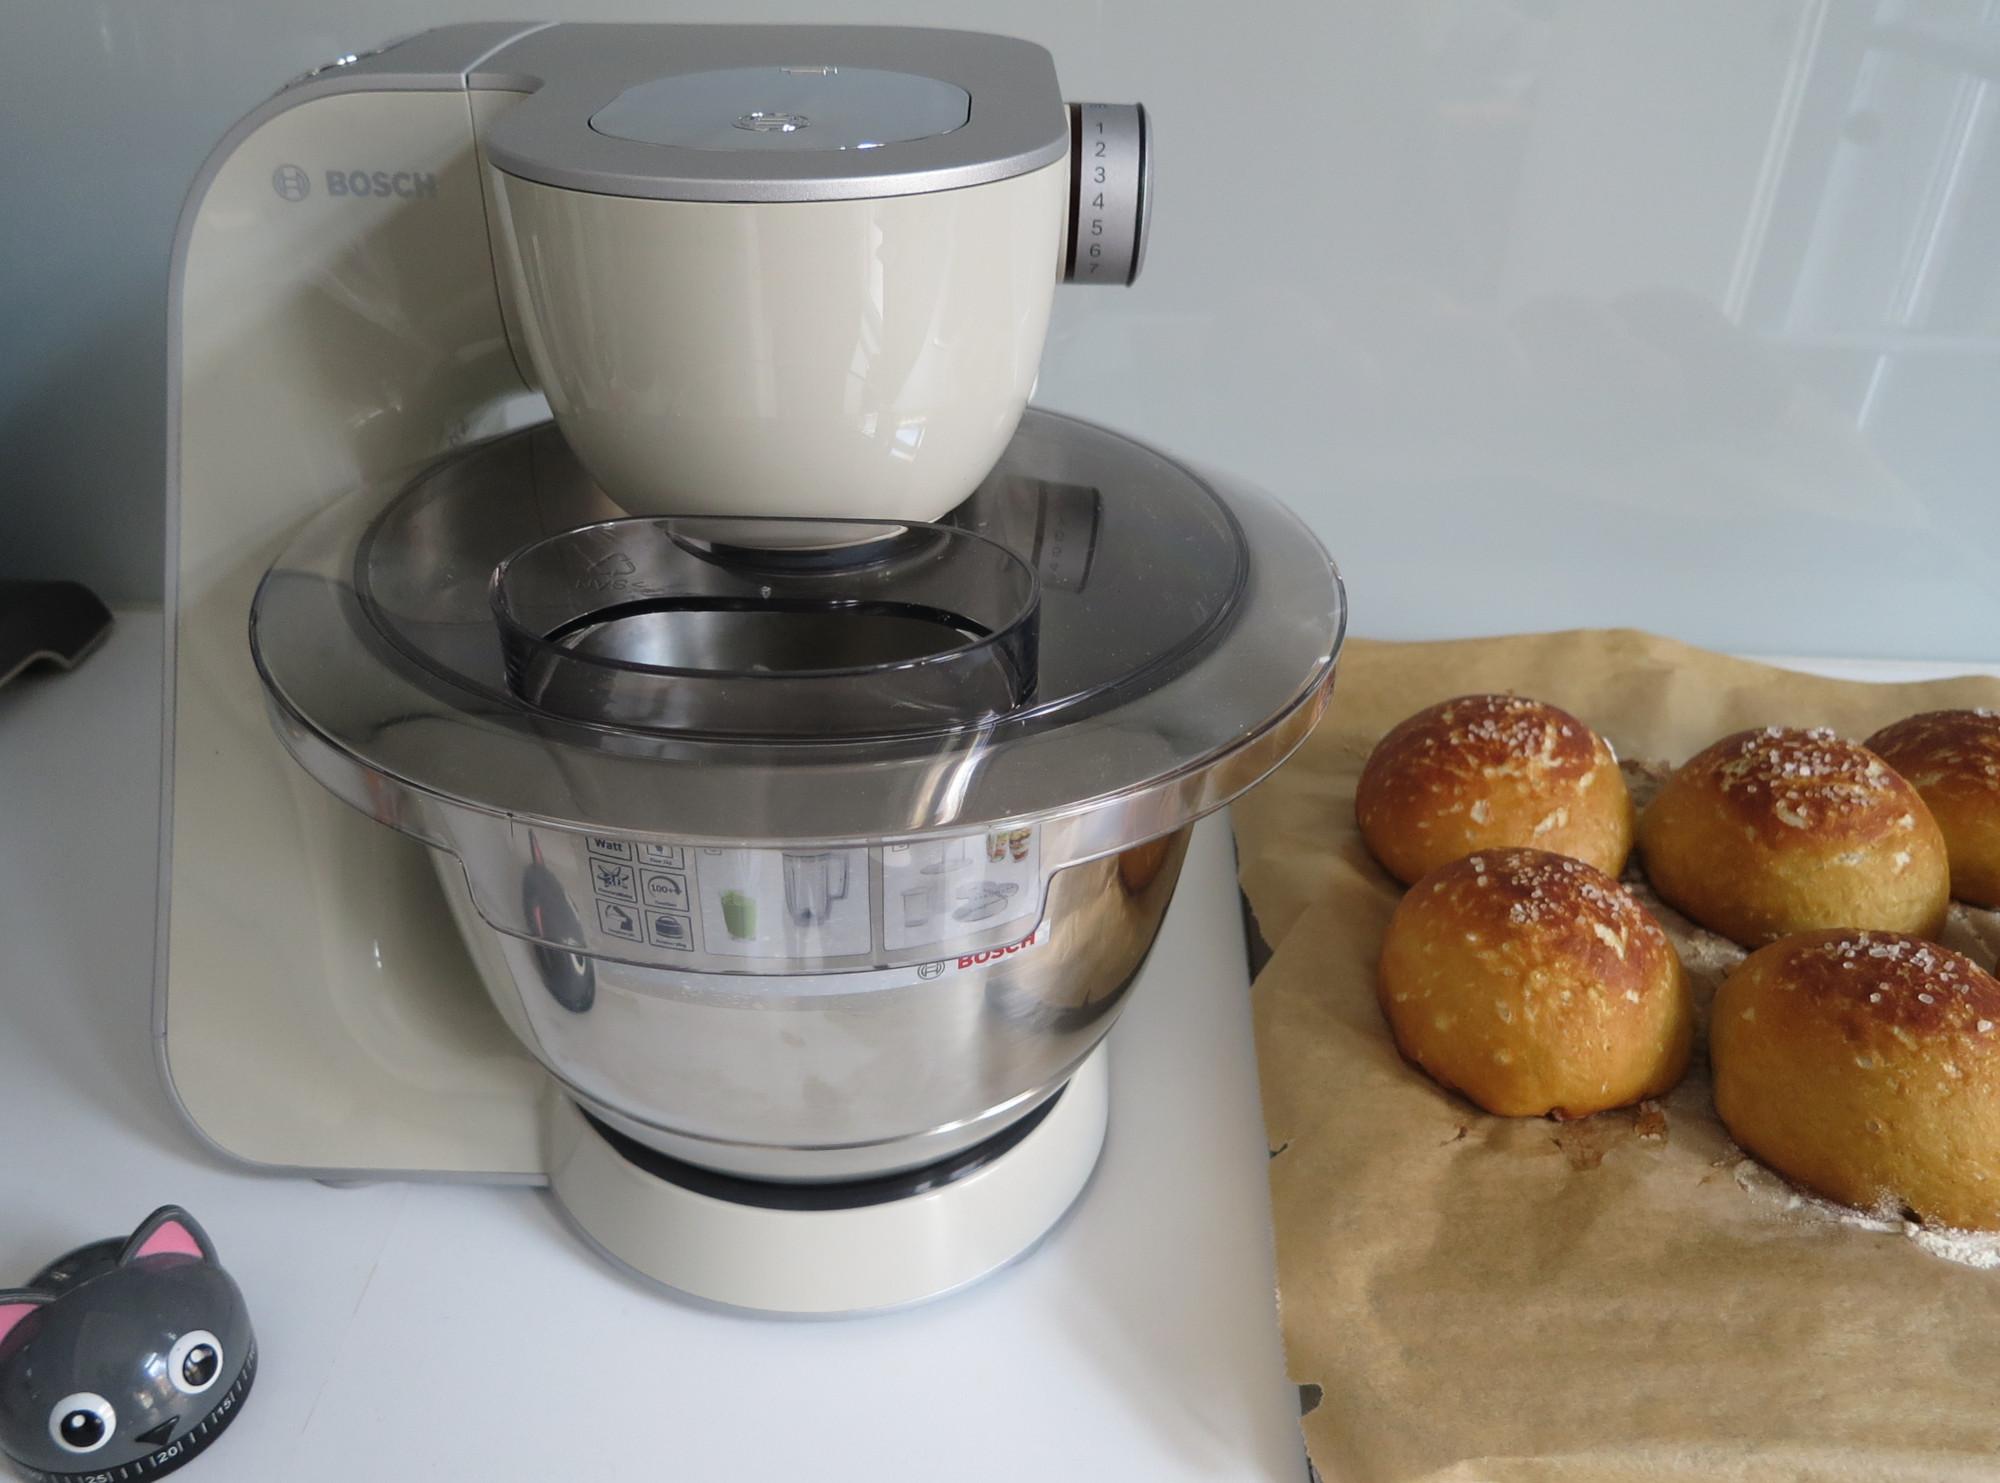 Küchenmaschine Bosch MUM 5 mit Laugenbrötchen